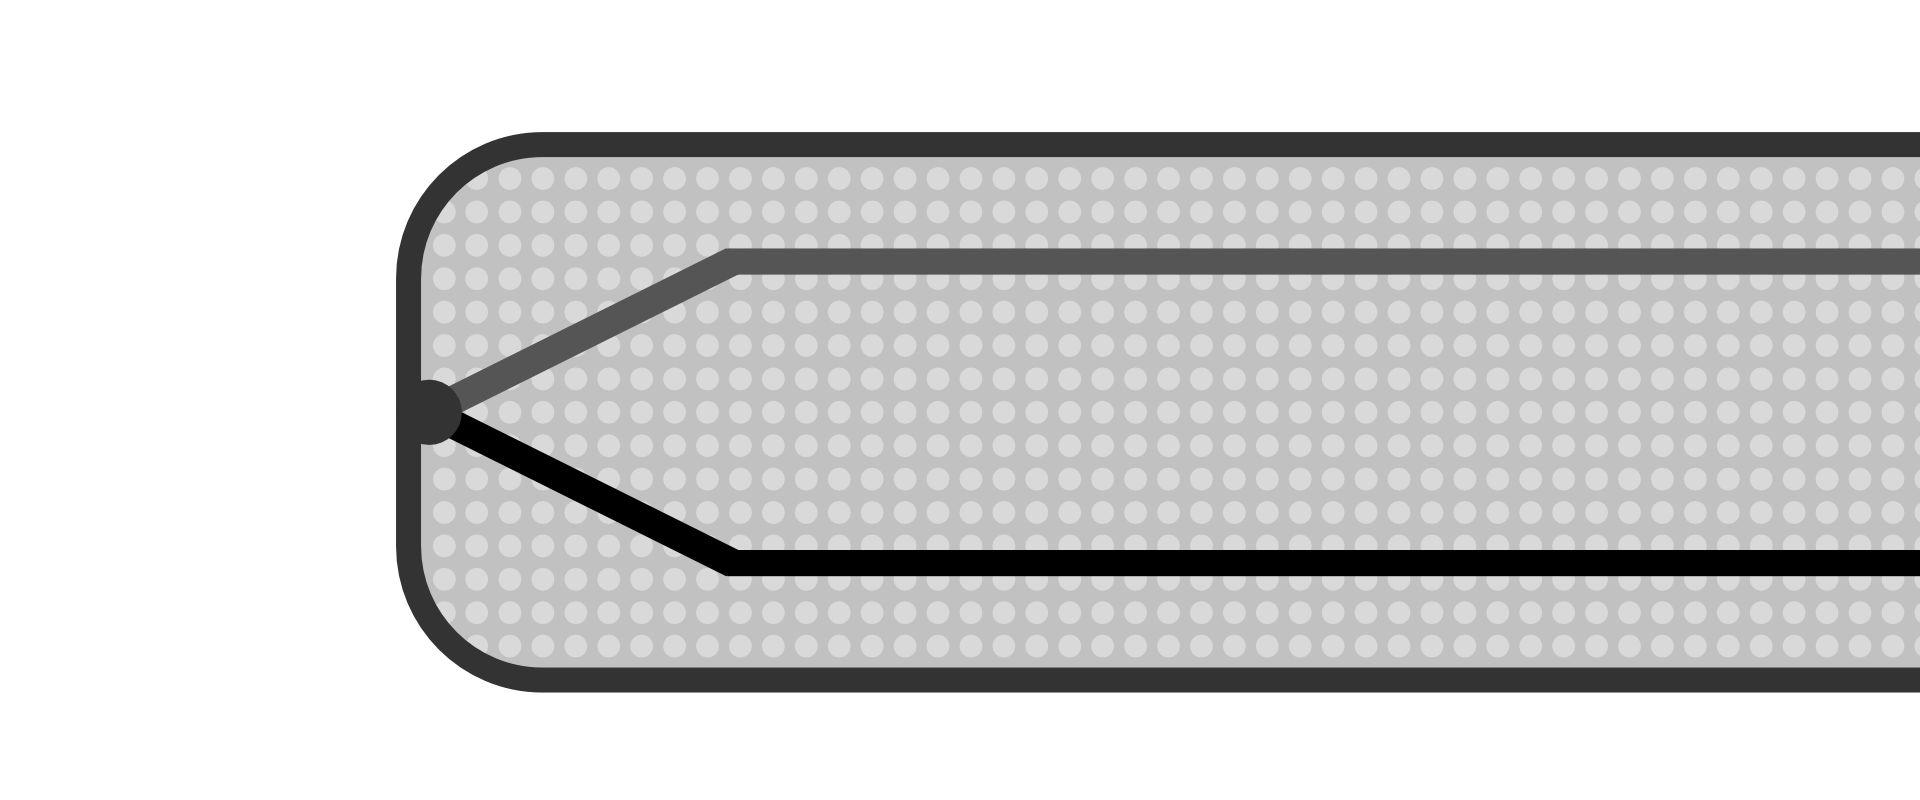 Mantelthermoelement mit geerdeter Messstelle und Magnesiumoxid-Isolierung